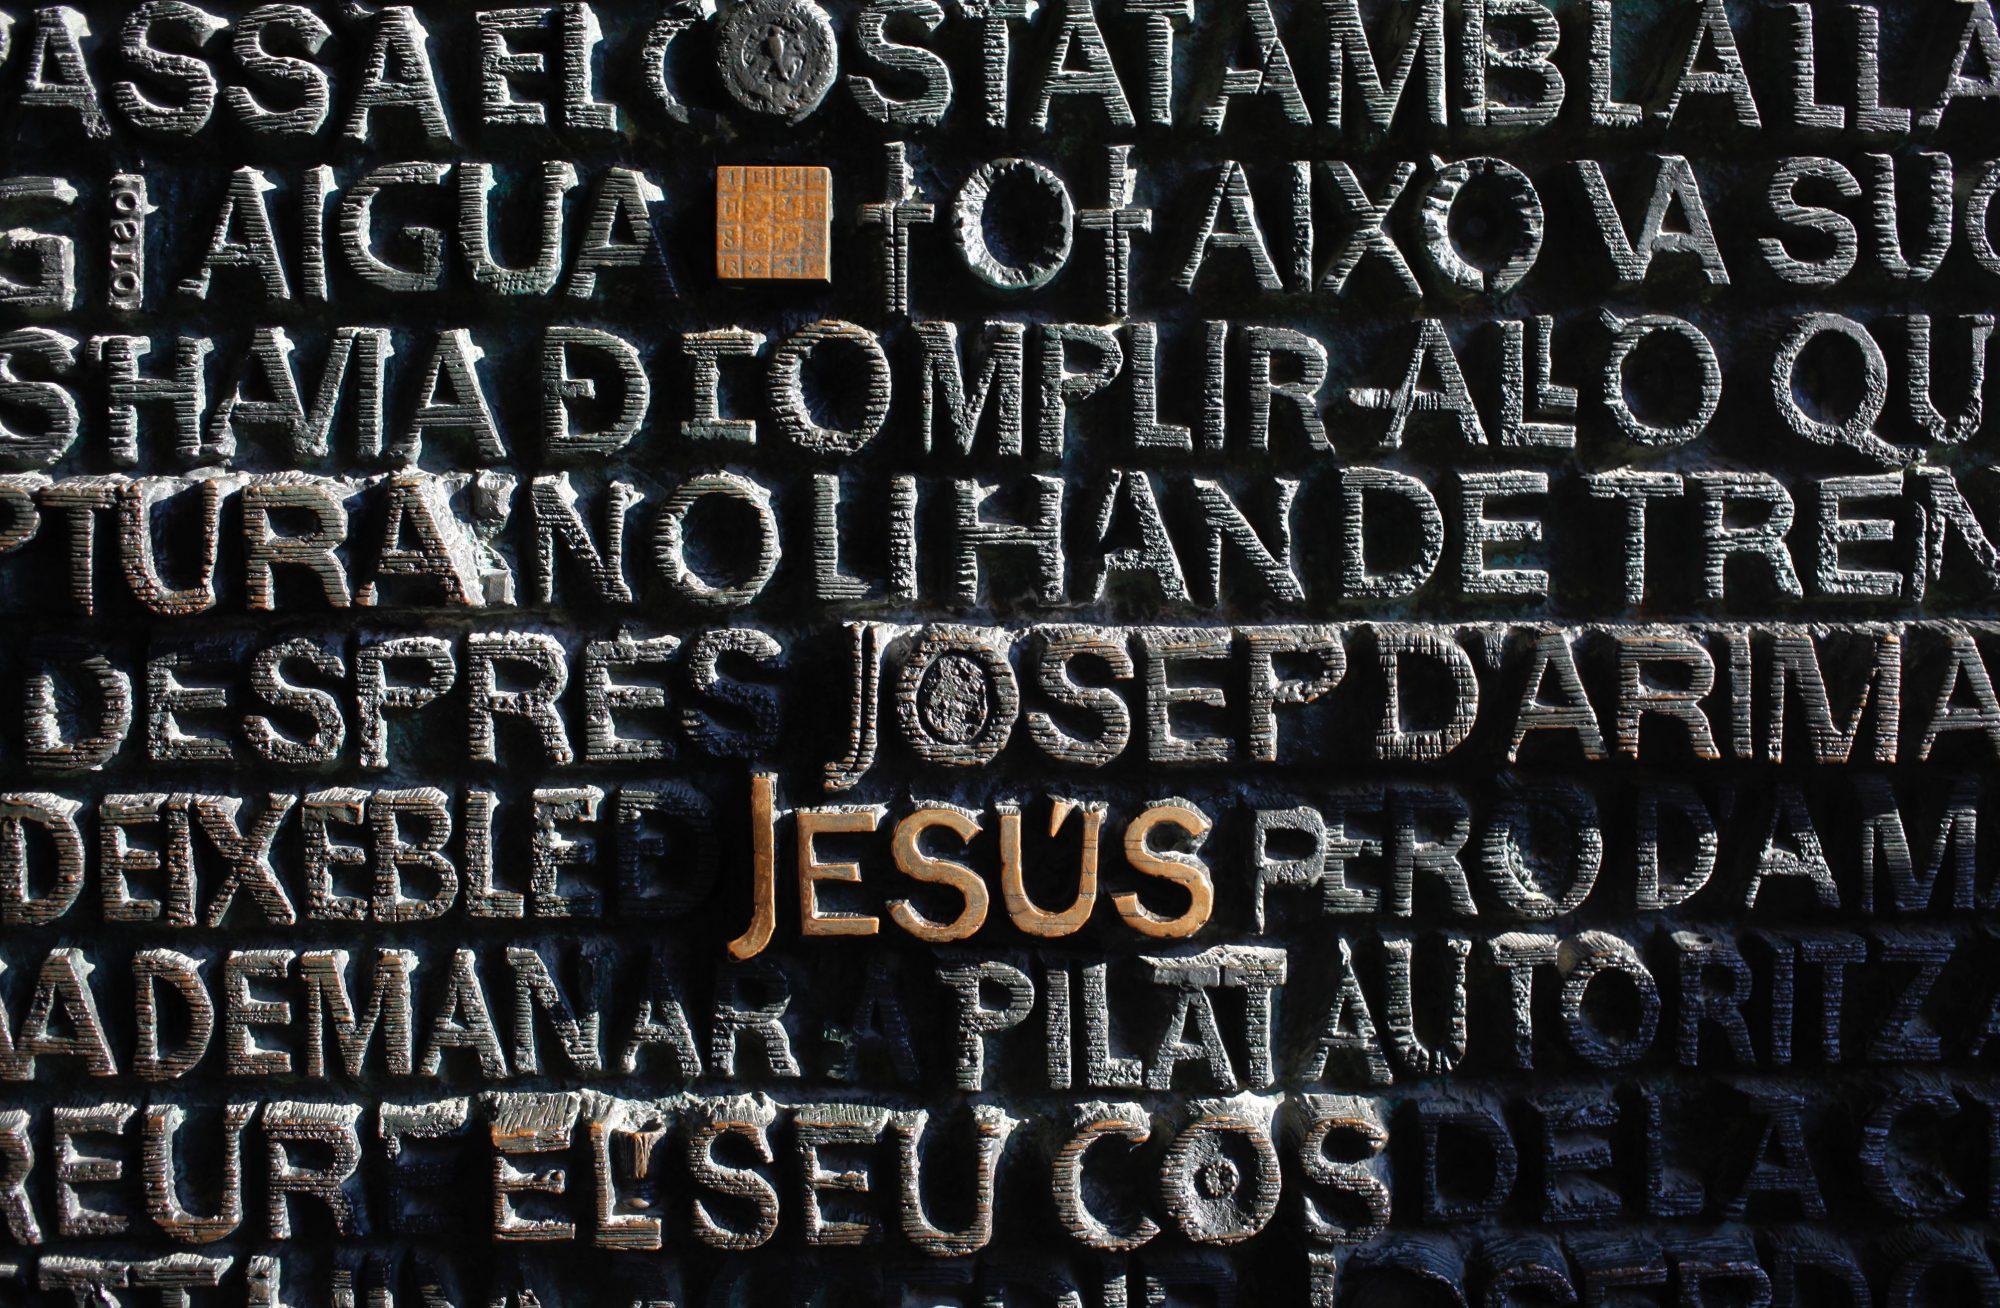 Jesus Christus zum Vorbild